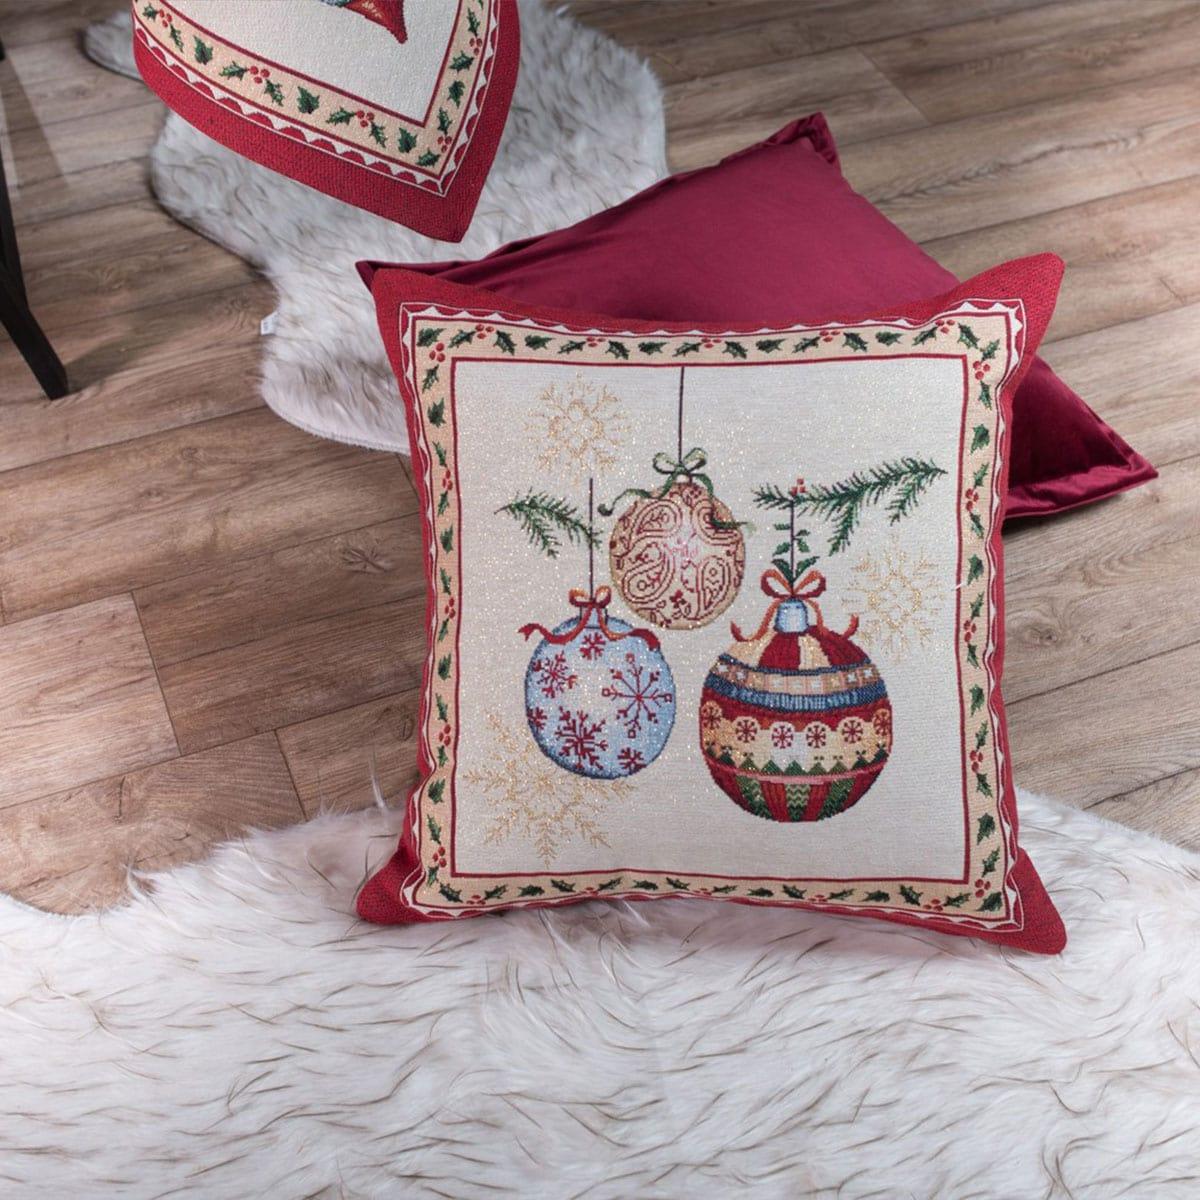 Μαξιλαροθήκη Διακοσμητική Χριστουγεννιάτικη Noel Multi Teoran 45X45 45x45cm